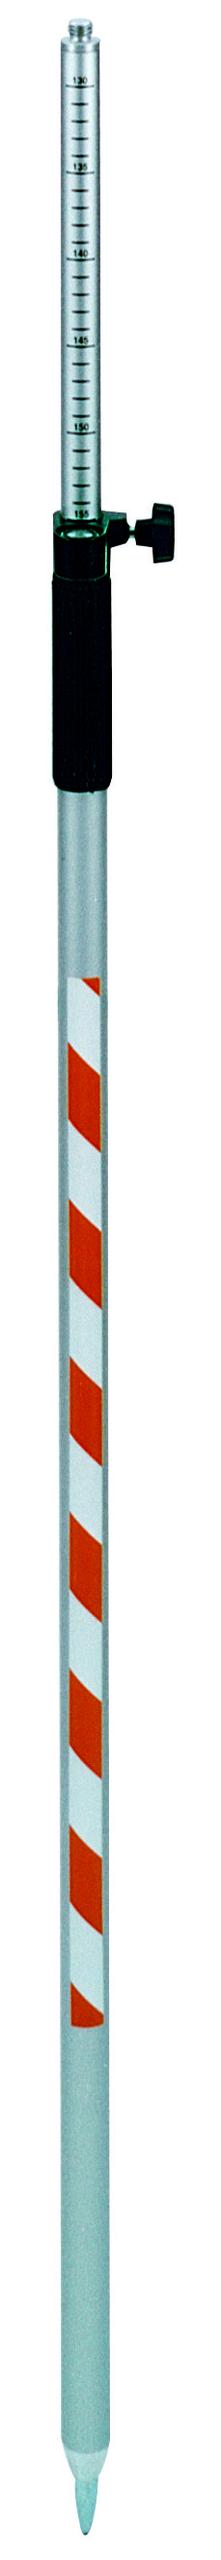 Prismenstab GPS 800, Aluminium, L=1,20-2,20m